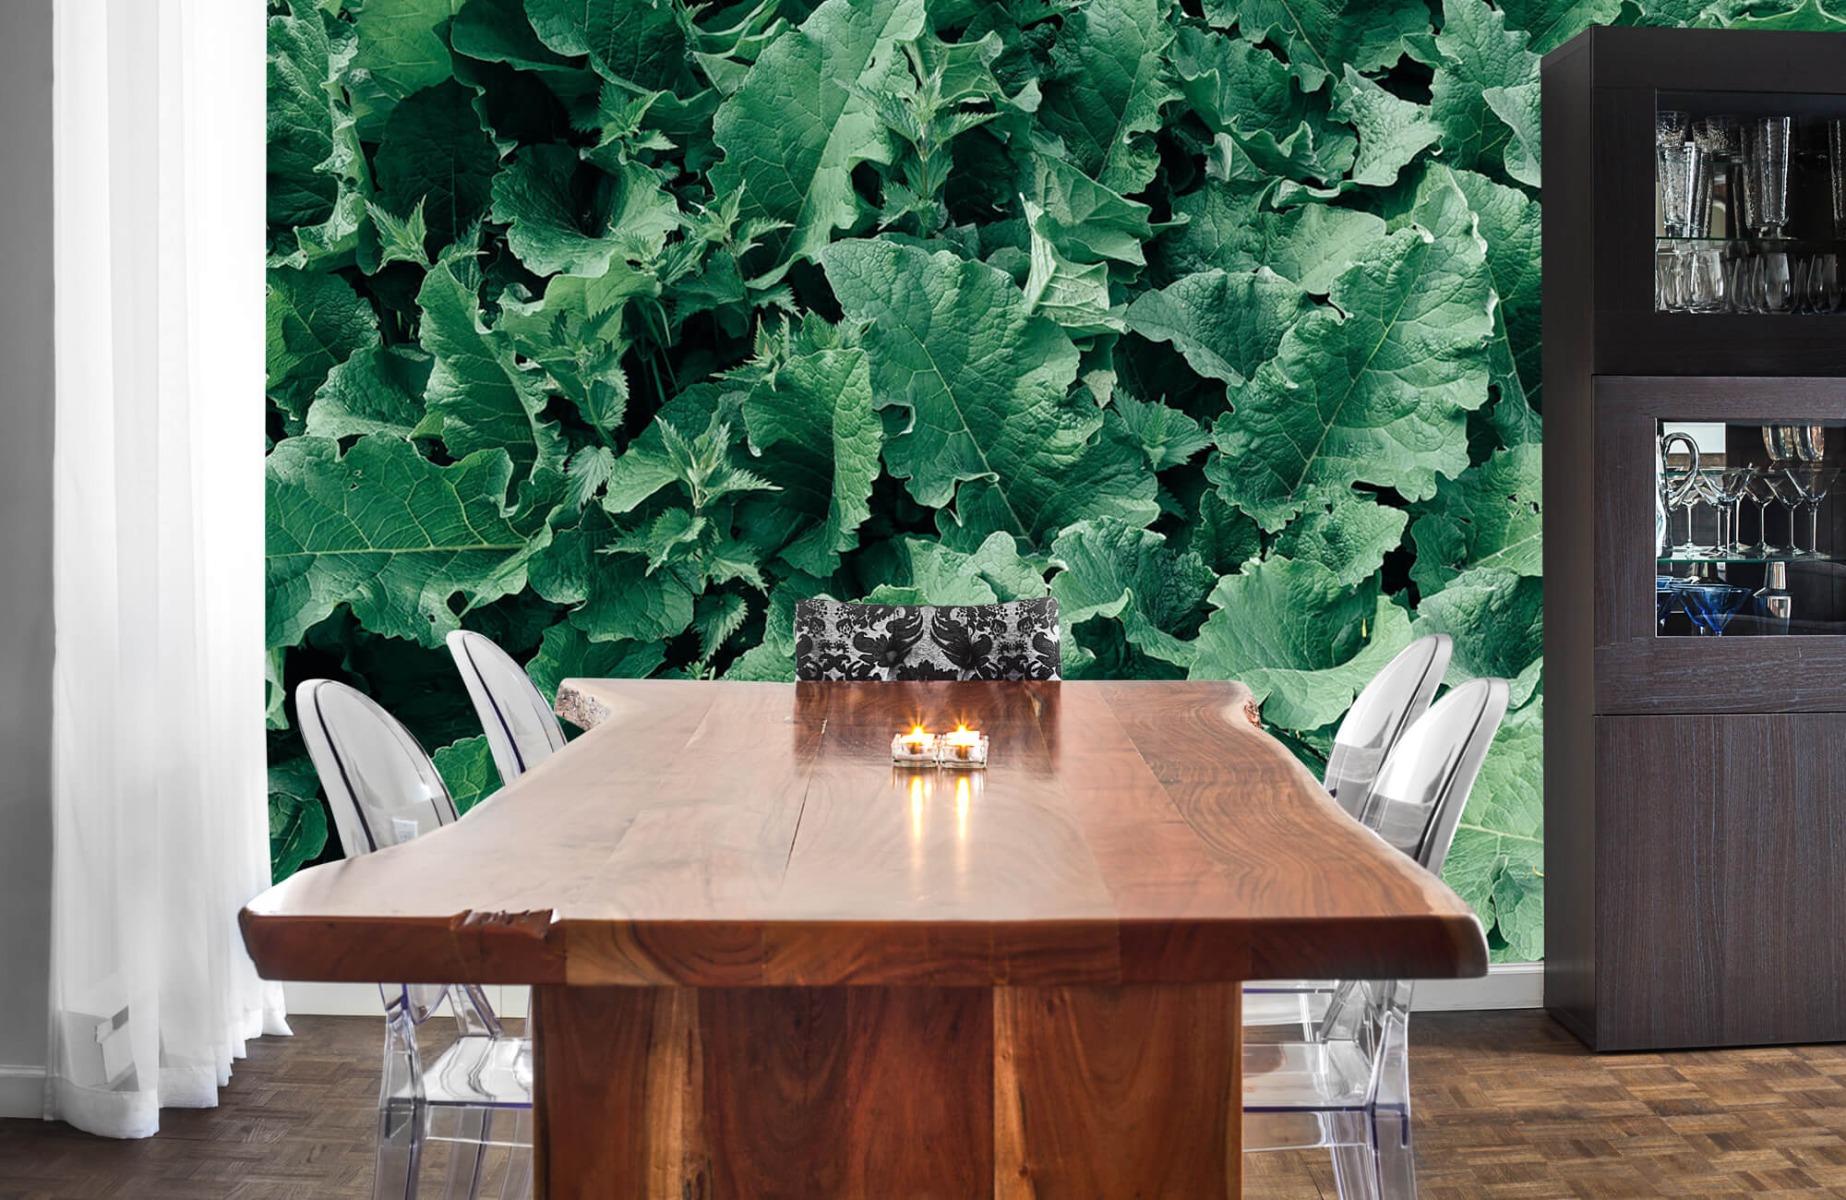 Bladeren - Gedetailleerd groen bladerdek - Wallexclusive - Slaapkamer 3